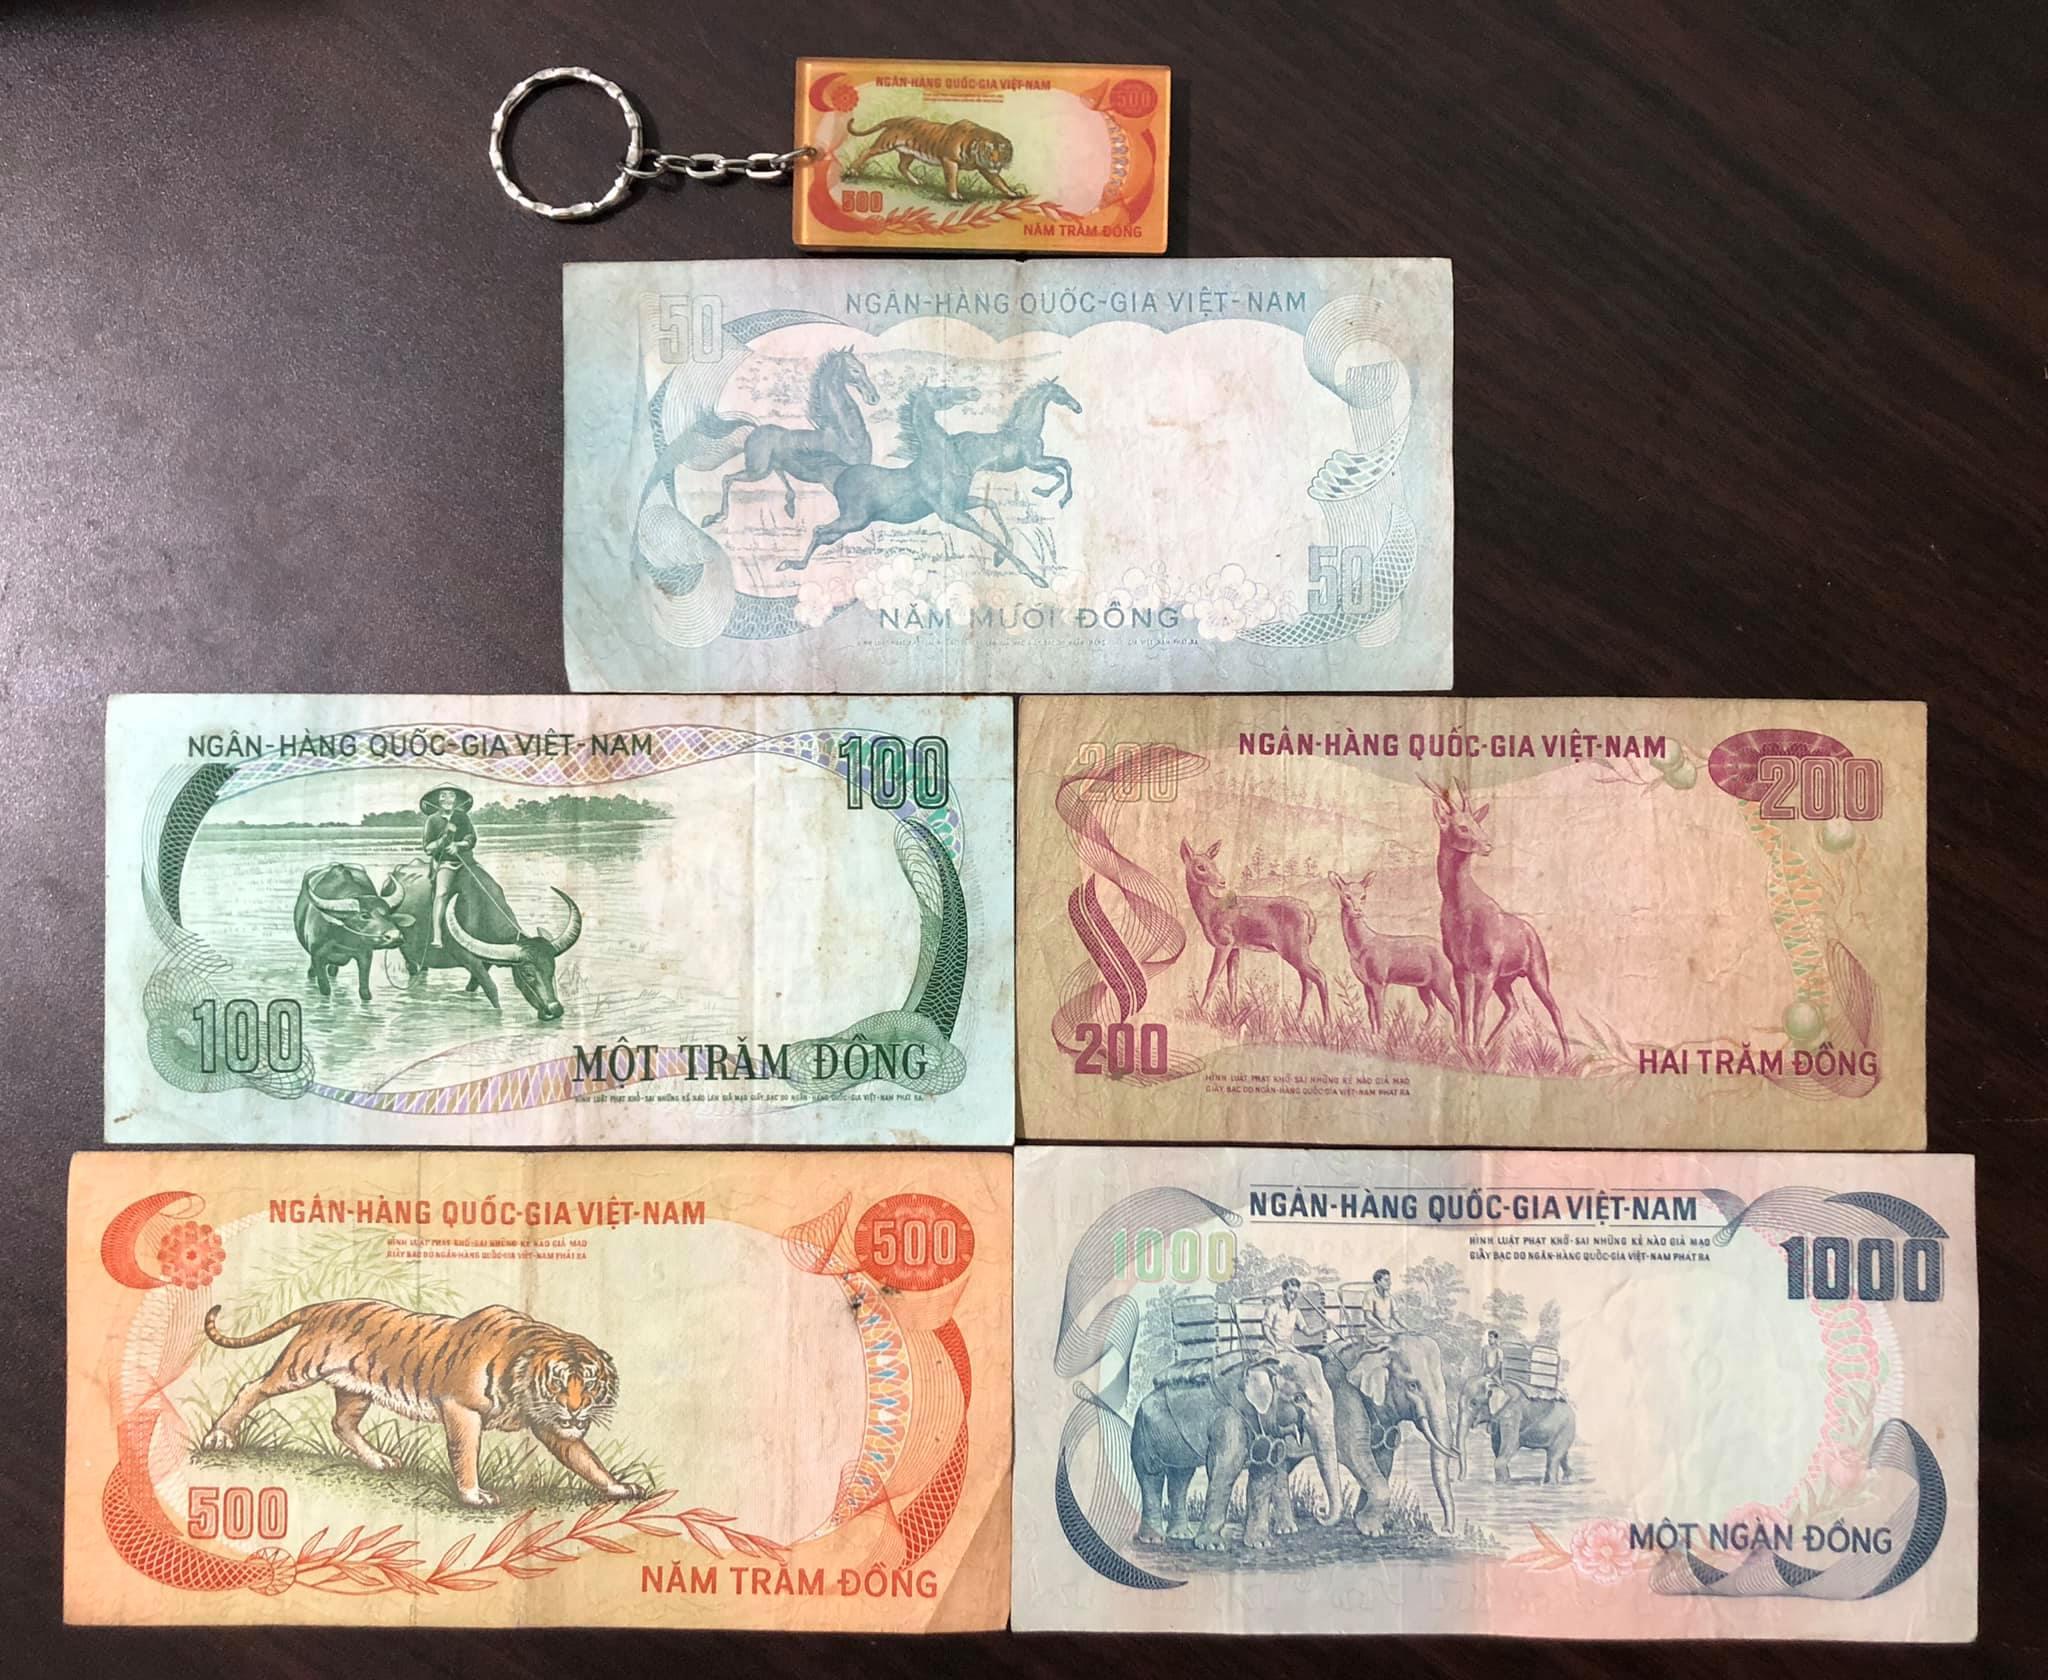 Tiền cổ Việt Nam, đủ bộ 5 tờ con thú (tặng kèm móc chìa khóa tiền cổ)